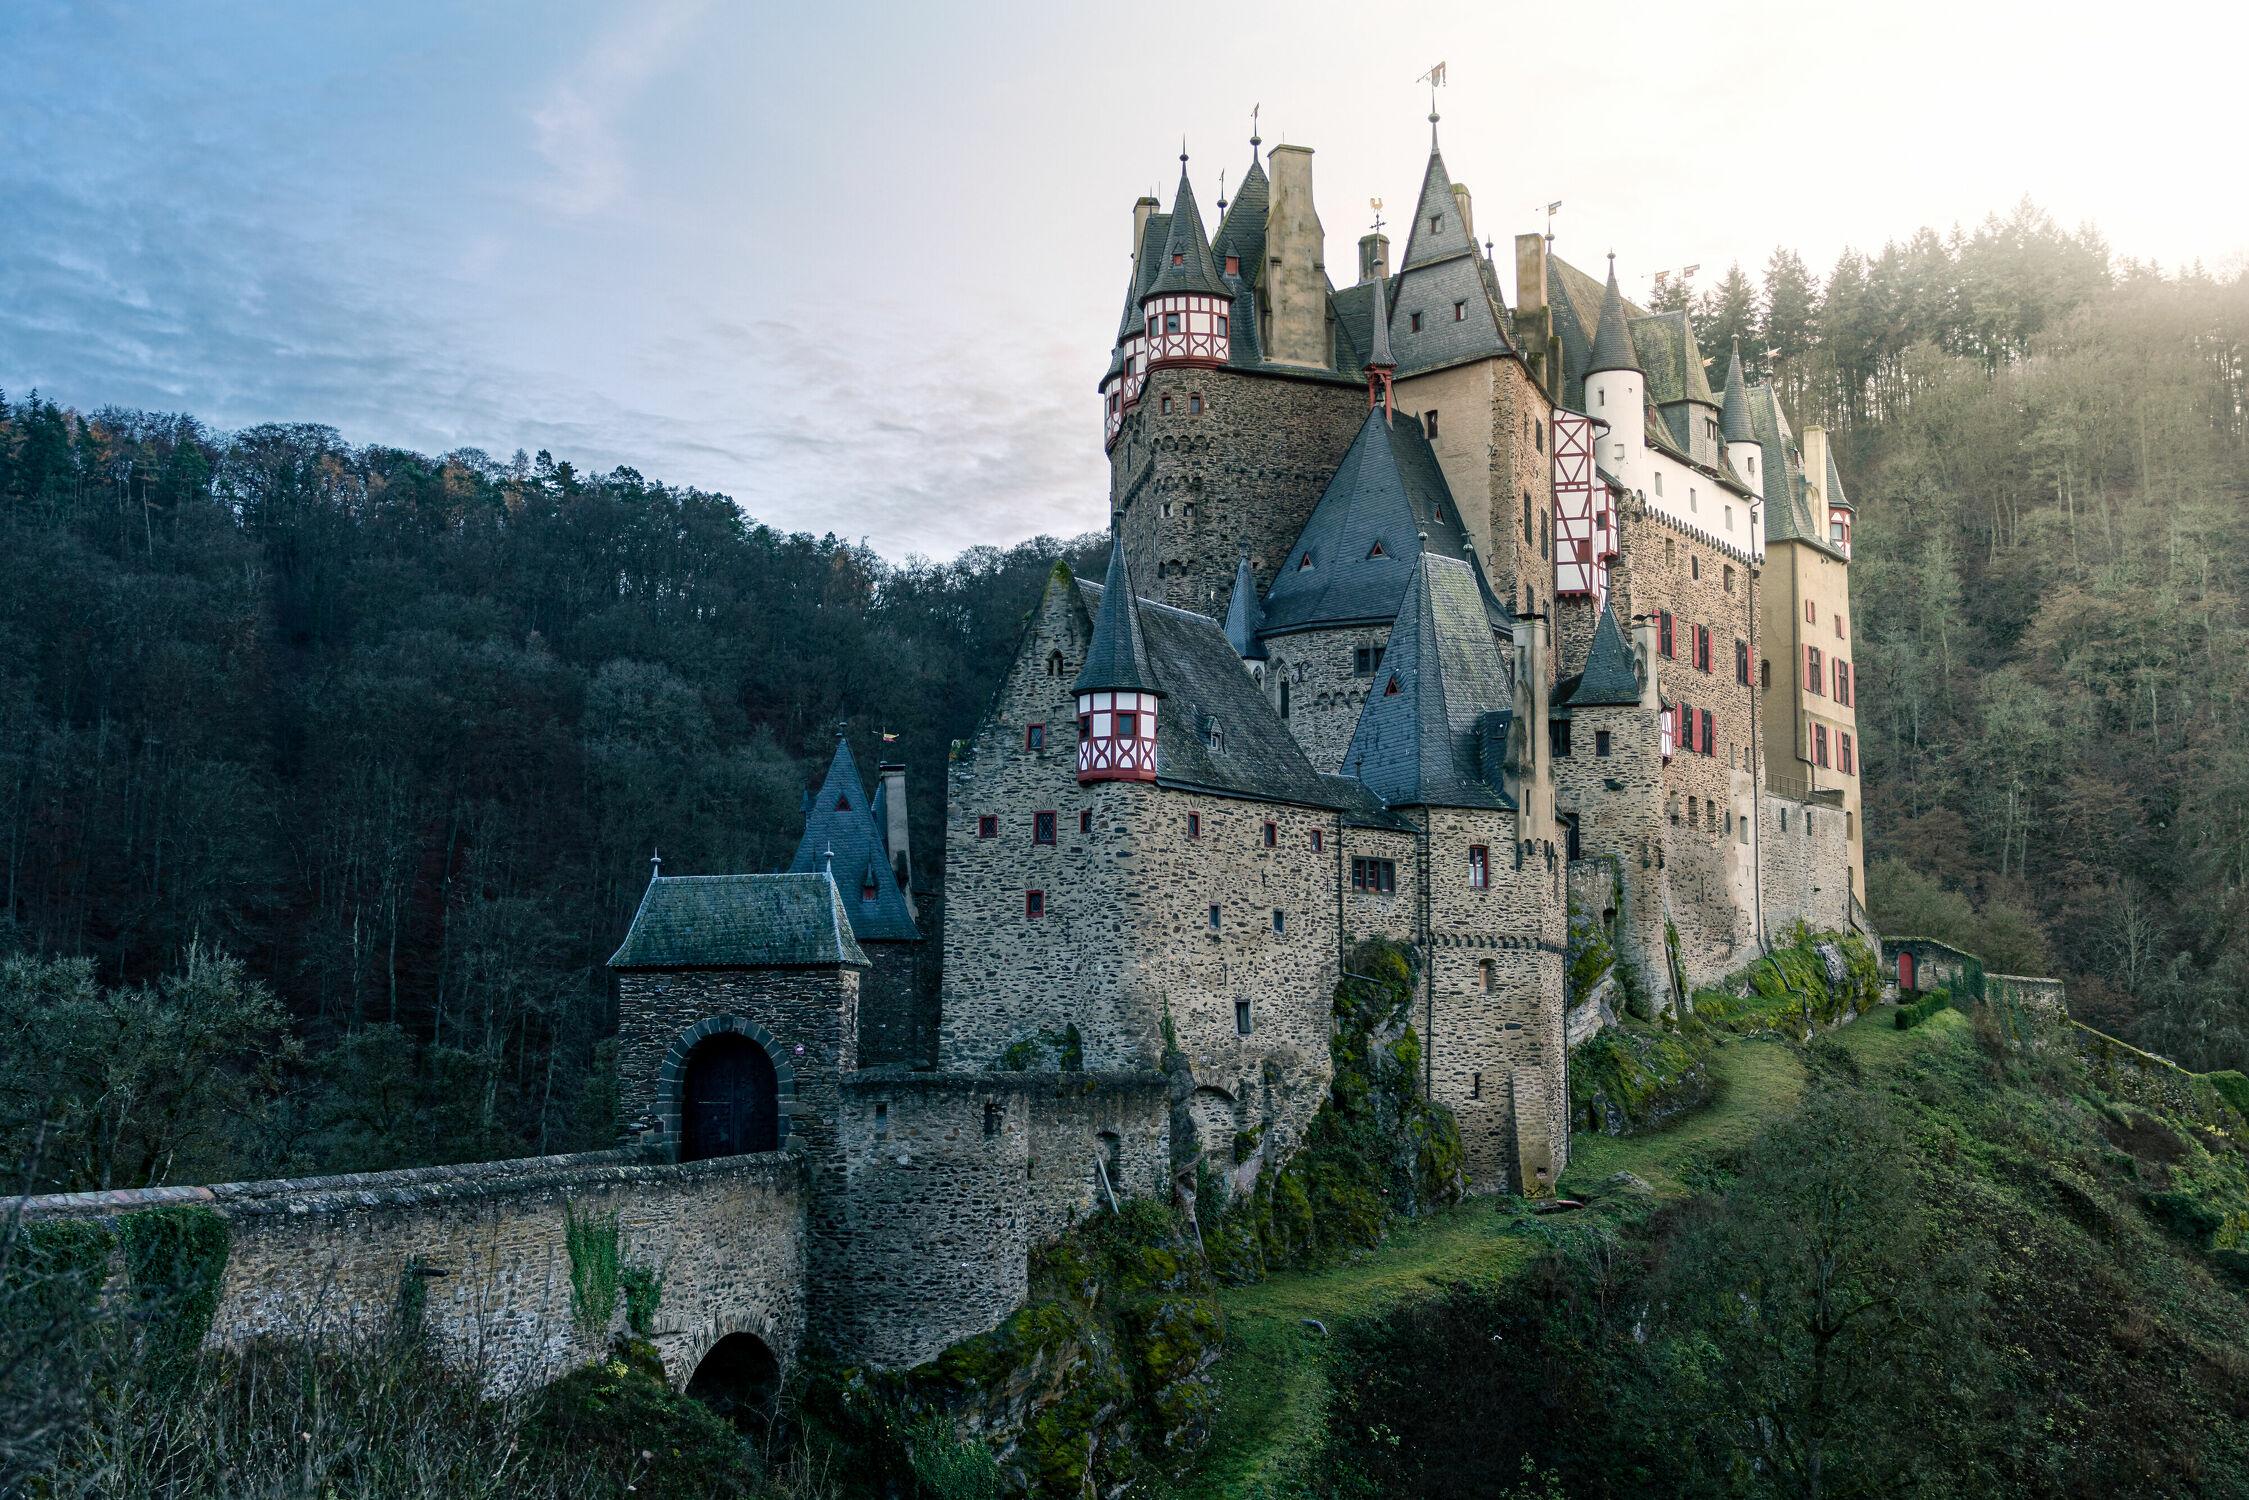 Bild mit Berge, Bäume, Sonnenuntergang, Sonnenaufgang, Schloss, Wald, Burg, Gegenlicht, Historische Gebäude, Burg Eltz